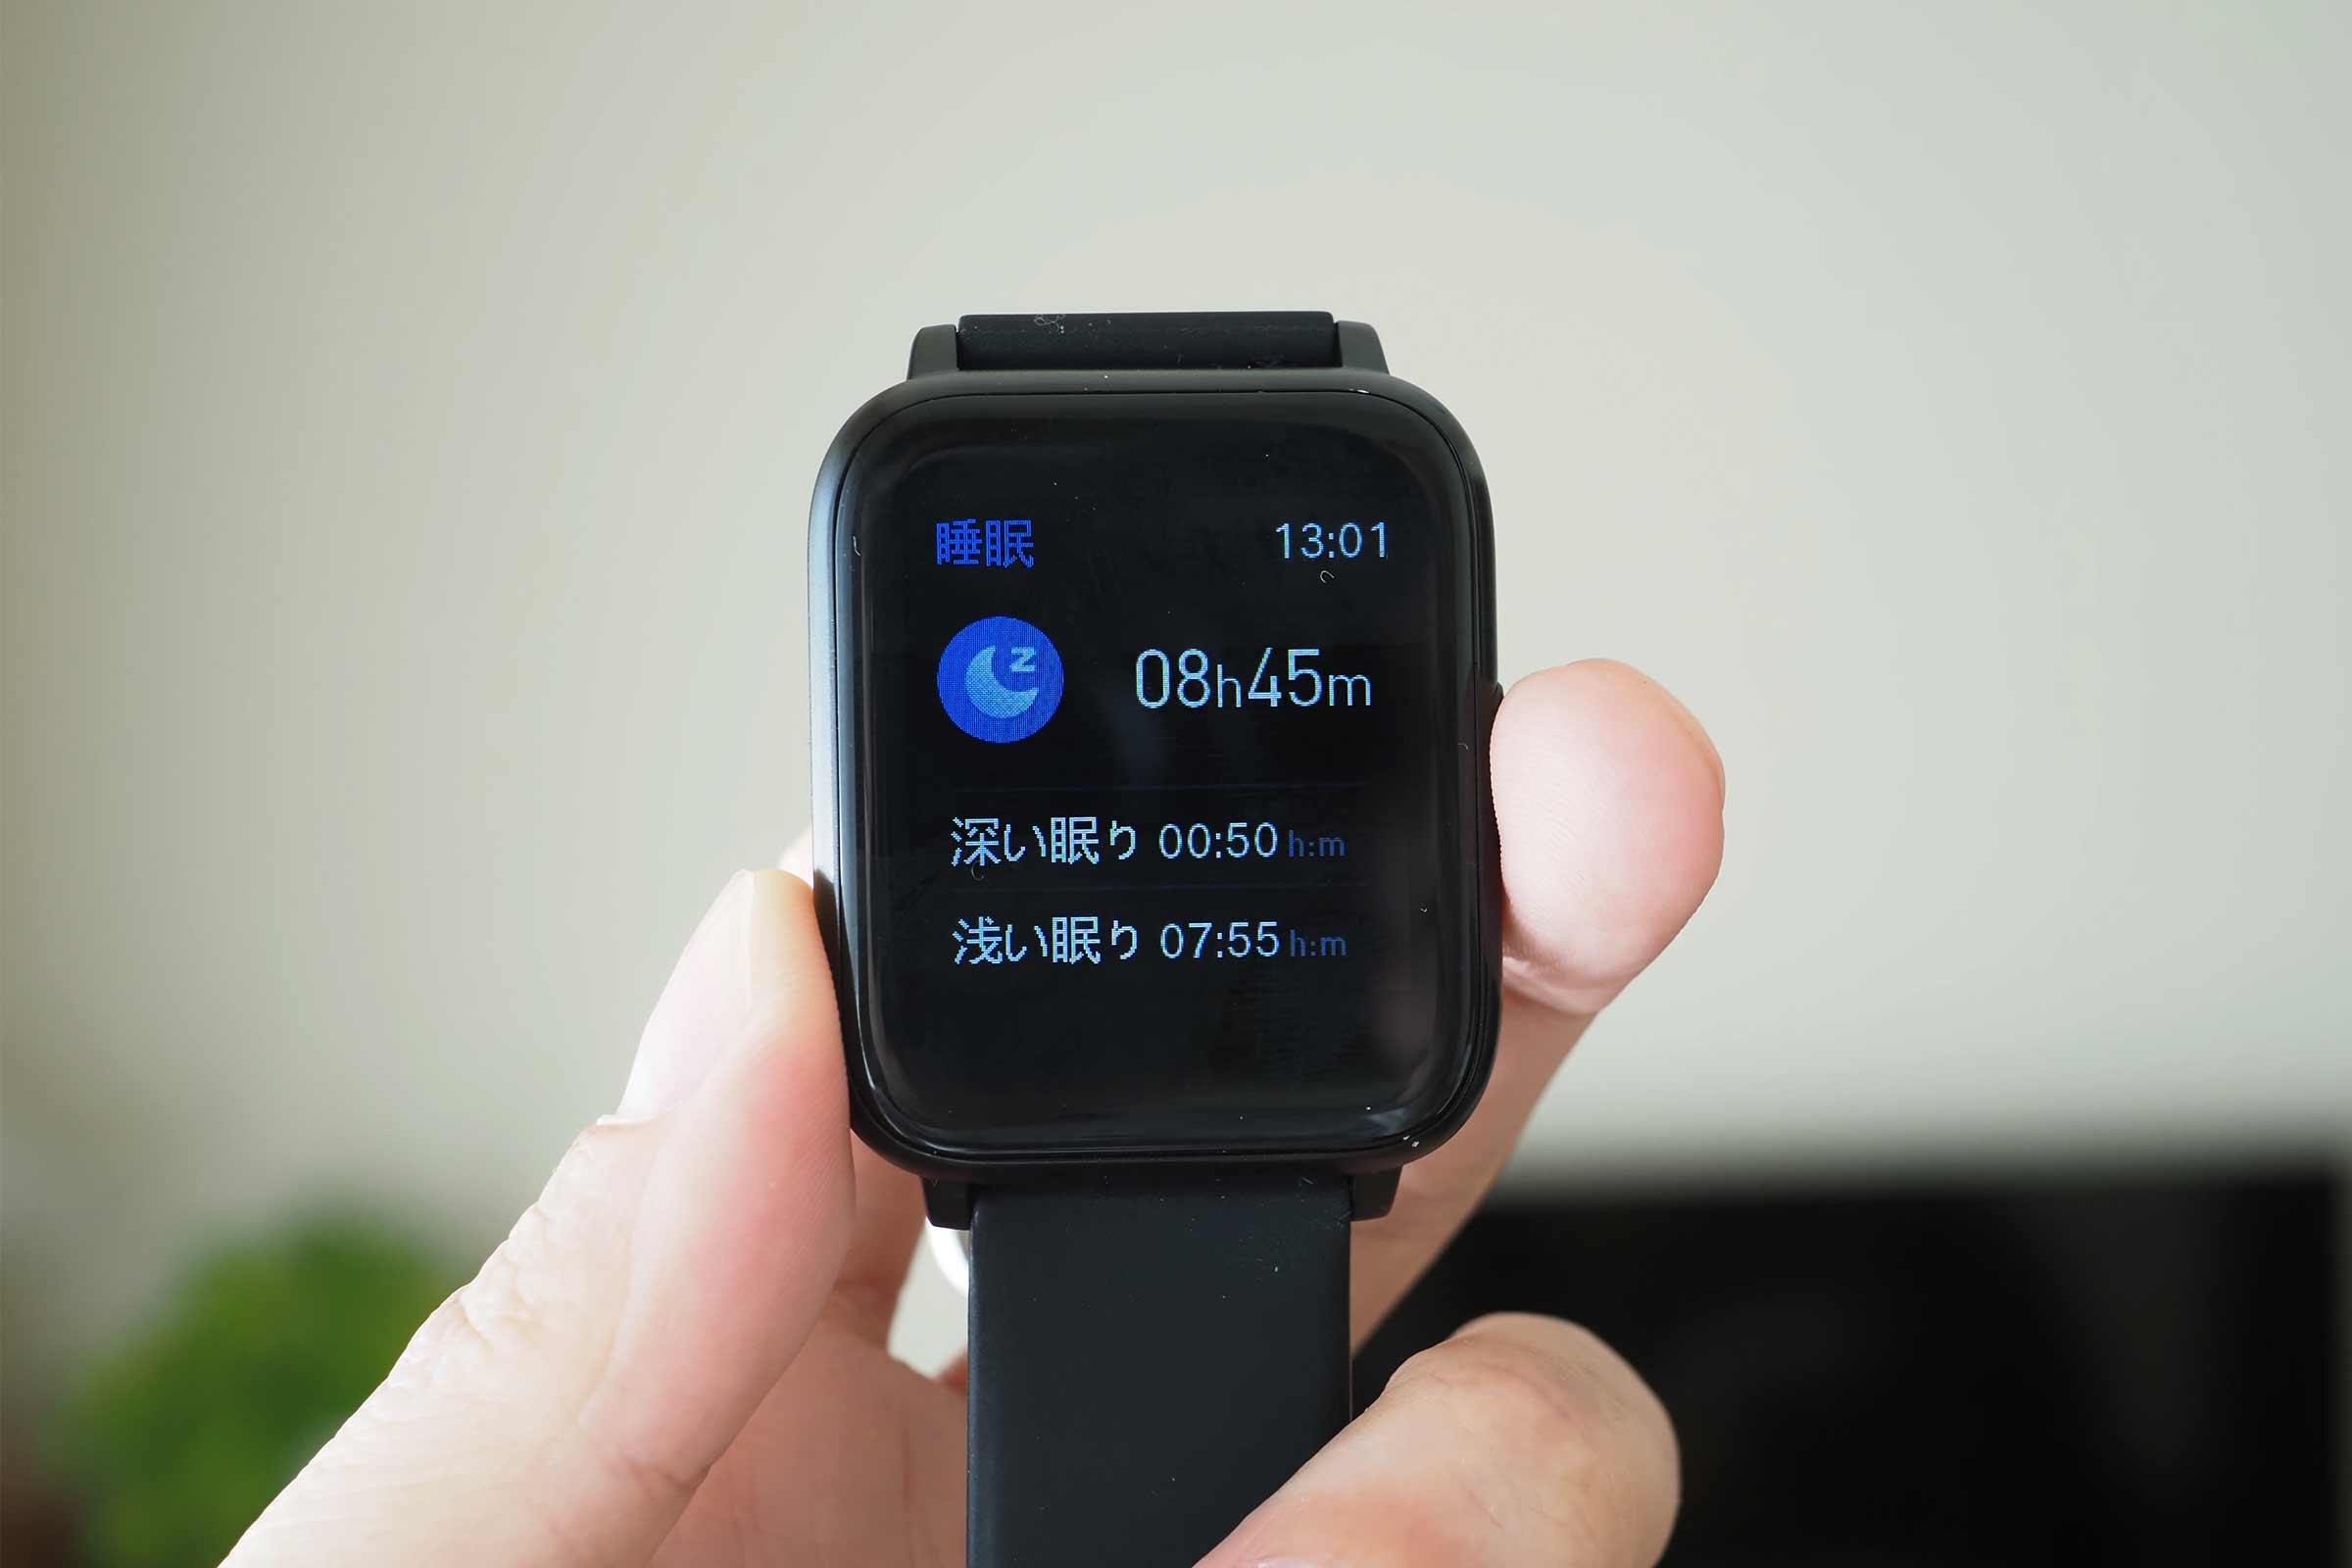 スマートウォッチ,Apple Watch,apple,高機能,安い,中華,睡眠